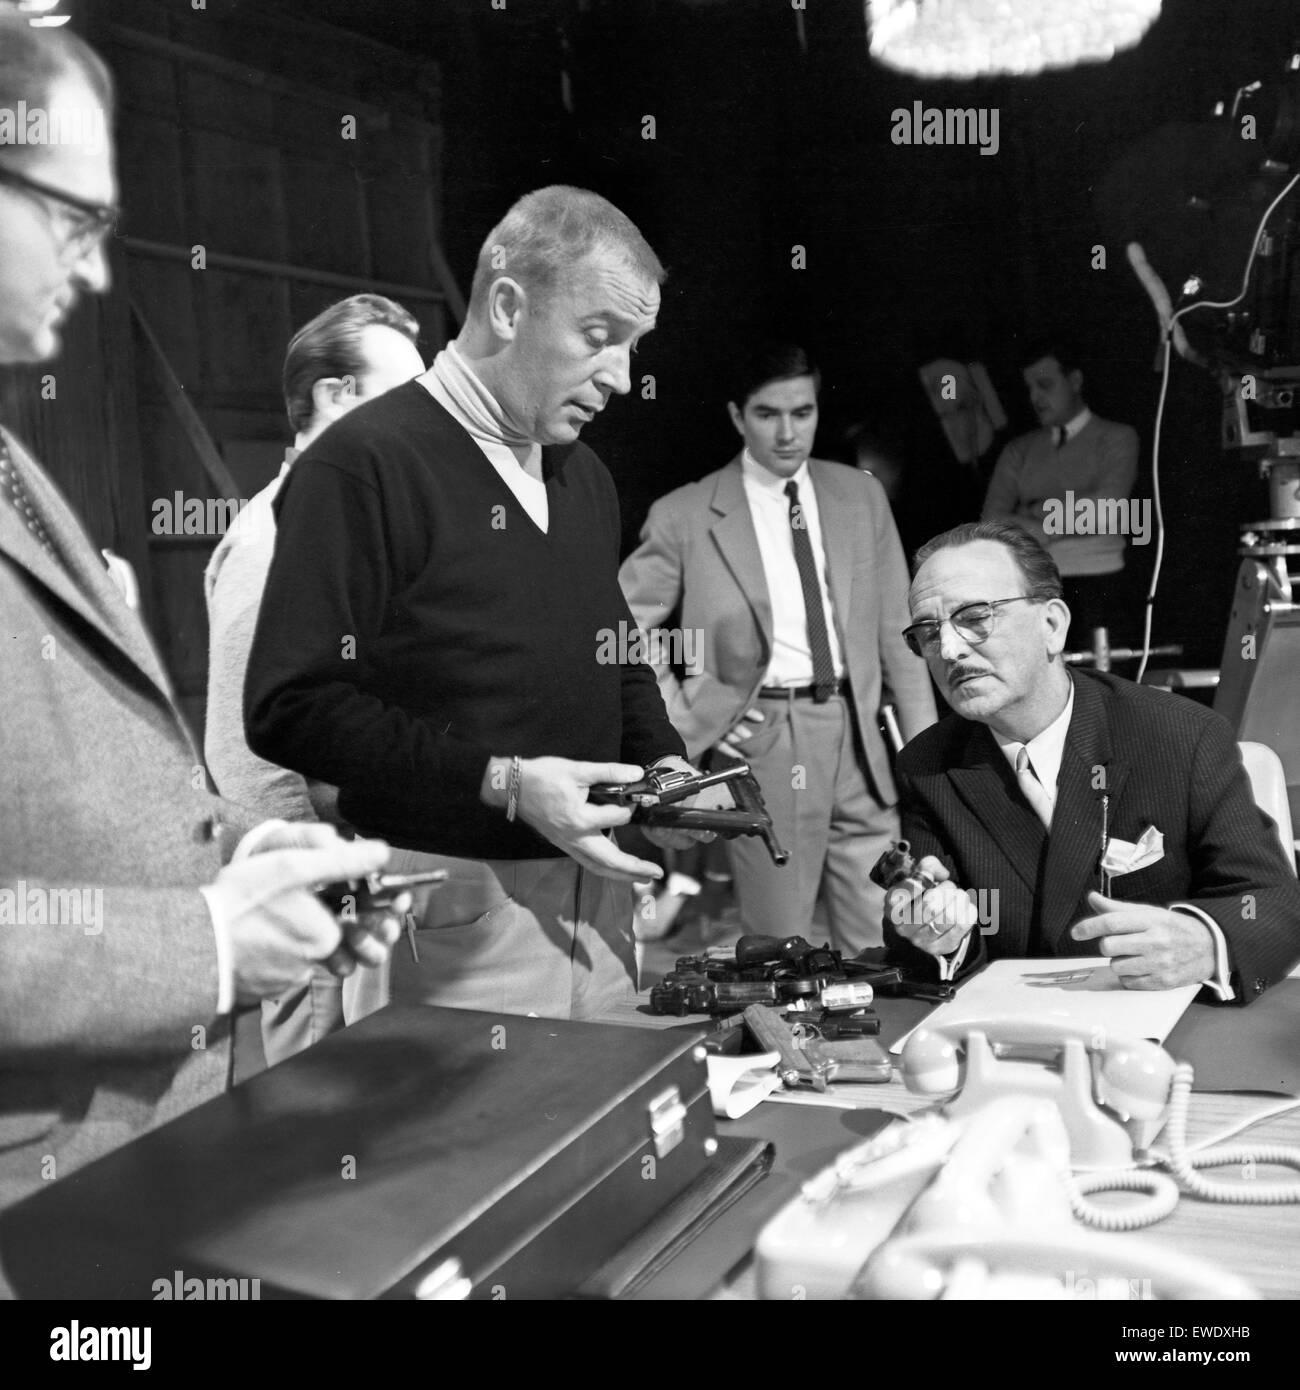 Deutscher Regisseur Heinz Dunkhase (Mitte), Deutschland 1960er Jahre. German TV and radio director Heinz Dunkhase - Stock Image